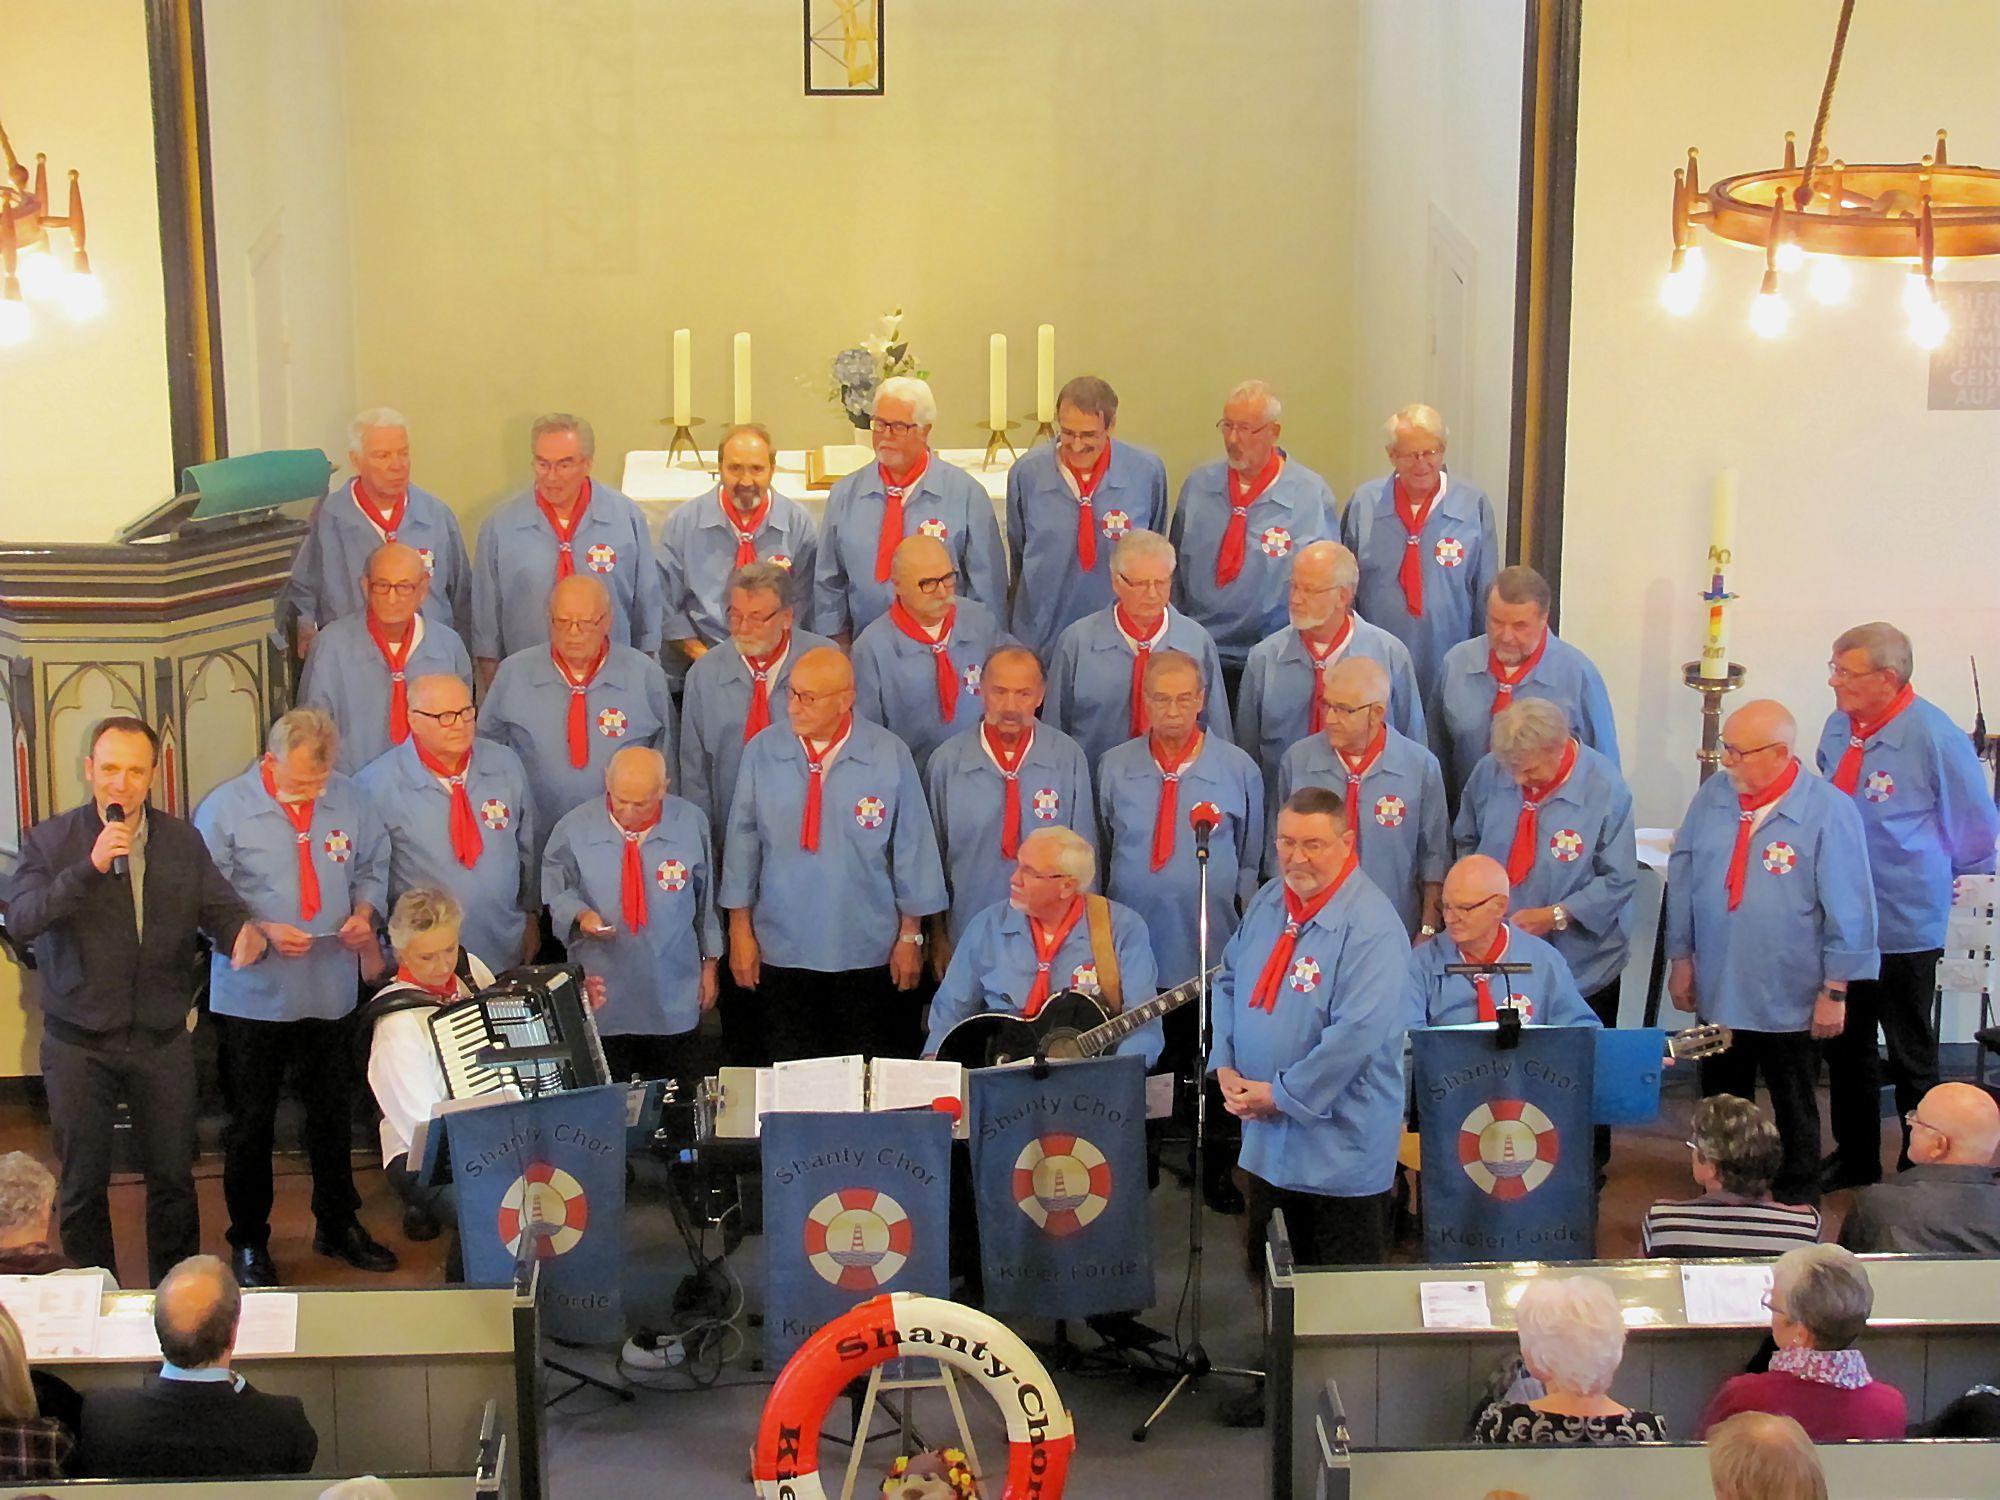 Shanty-Chor Kieler Förde, Begrüßung durch Jan Bastick